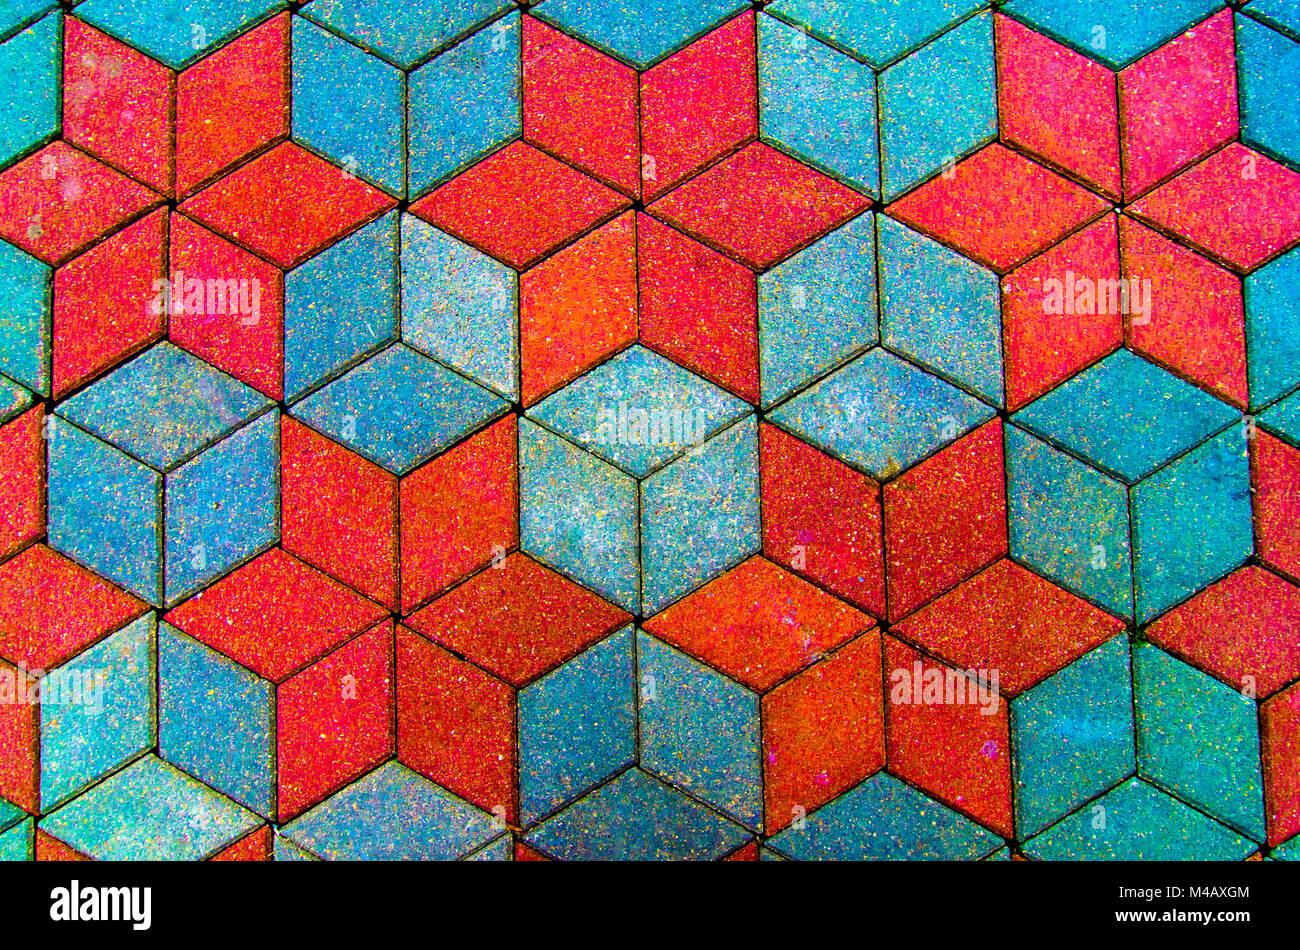 Bunte Alte Stein Mosaik An Der Wand Helle Fliesen Stockfoto Bild - Alte mosaik fliesen